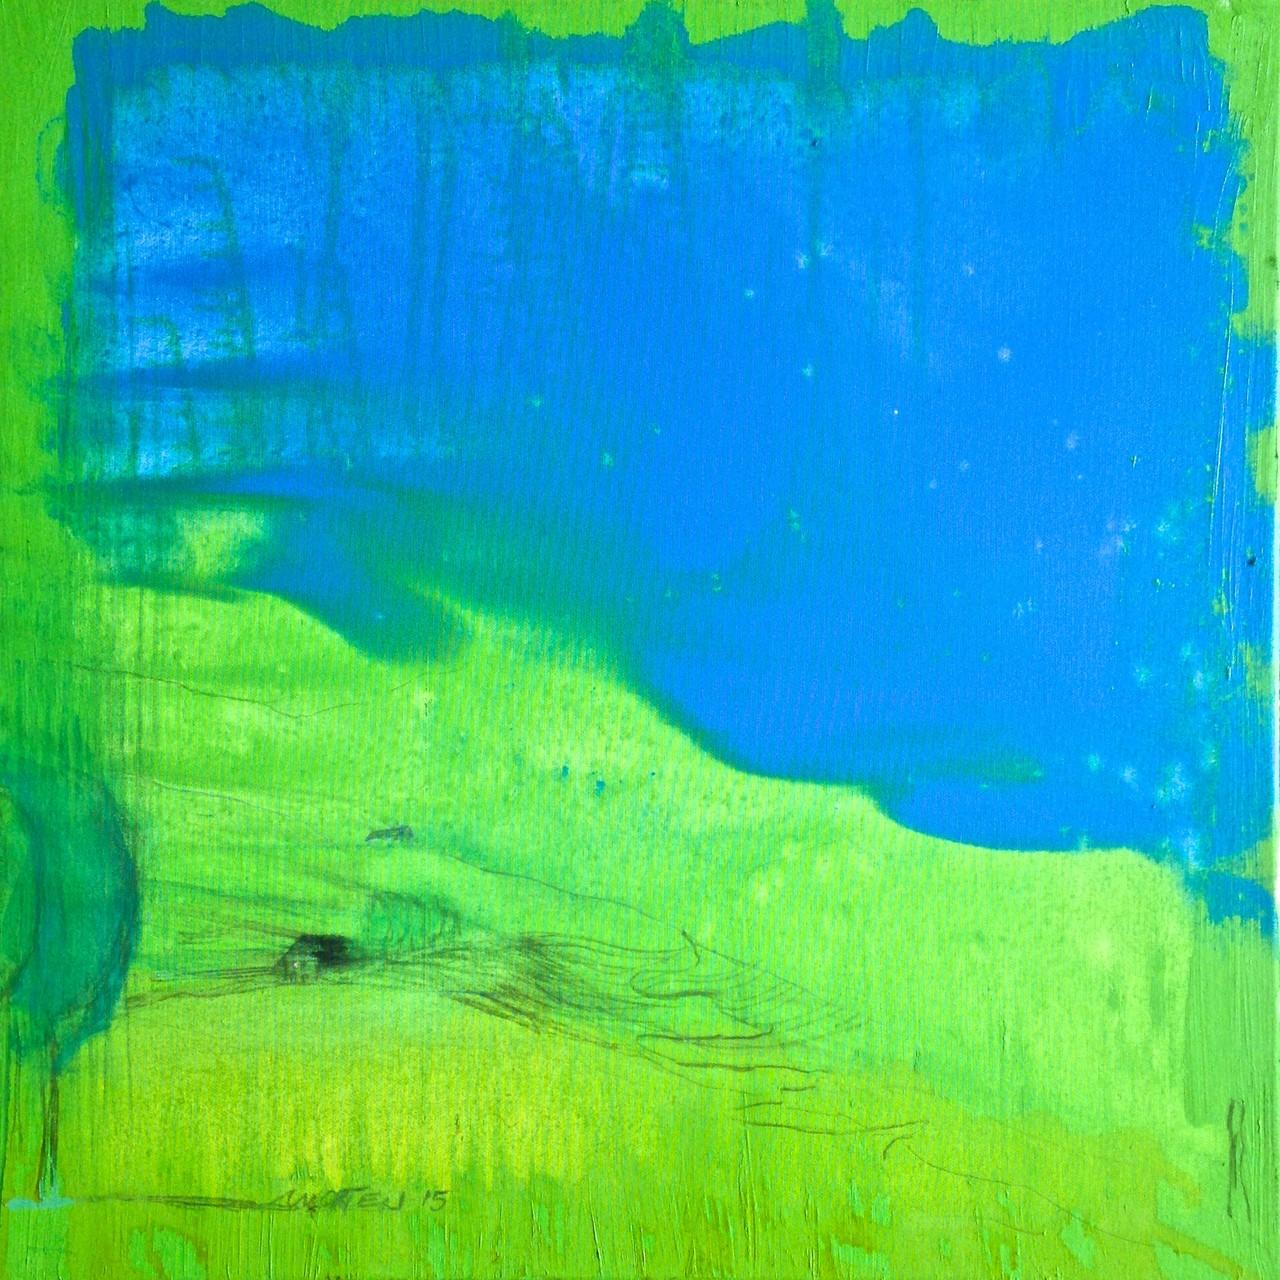 BEZIEHUNG, 2015, Johannes Morten, 70 x 70 cm, Öl, Acrylstift, Graphit und Kohle auf Canvas